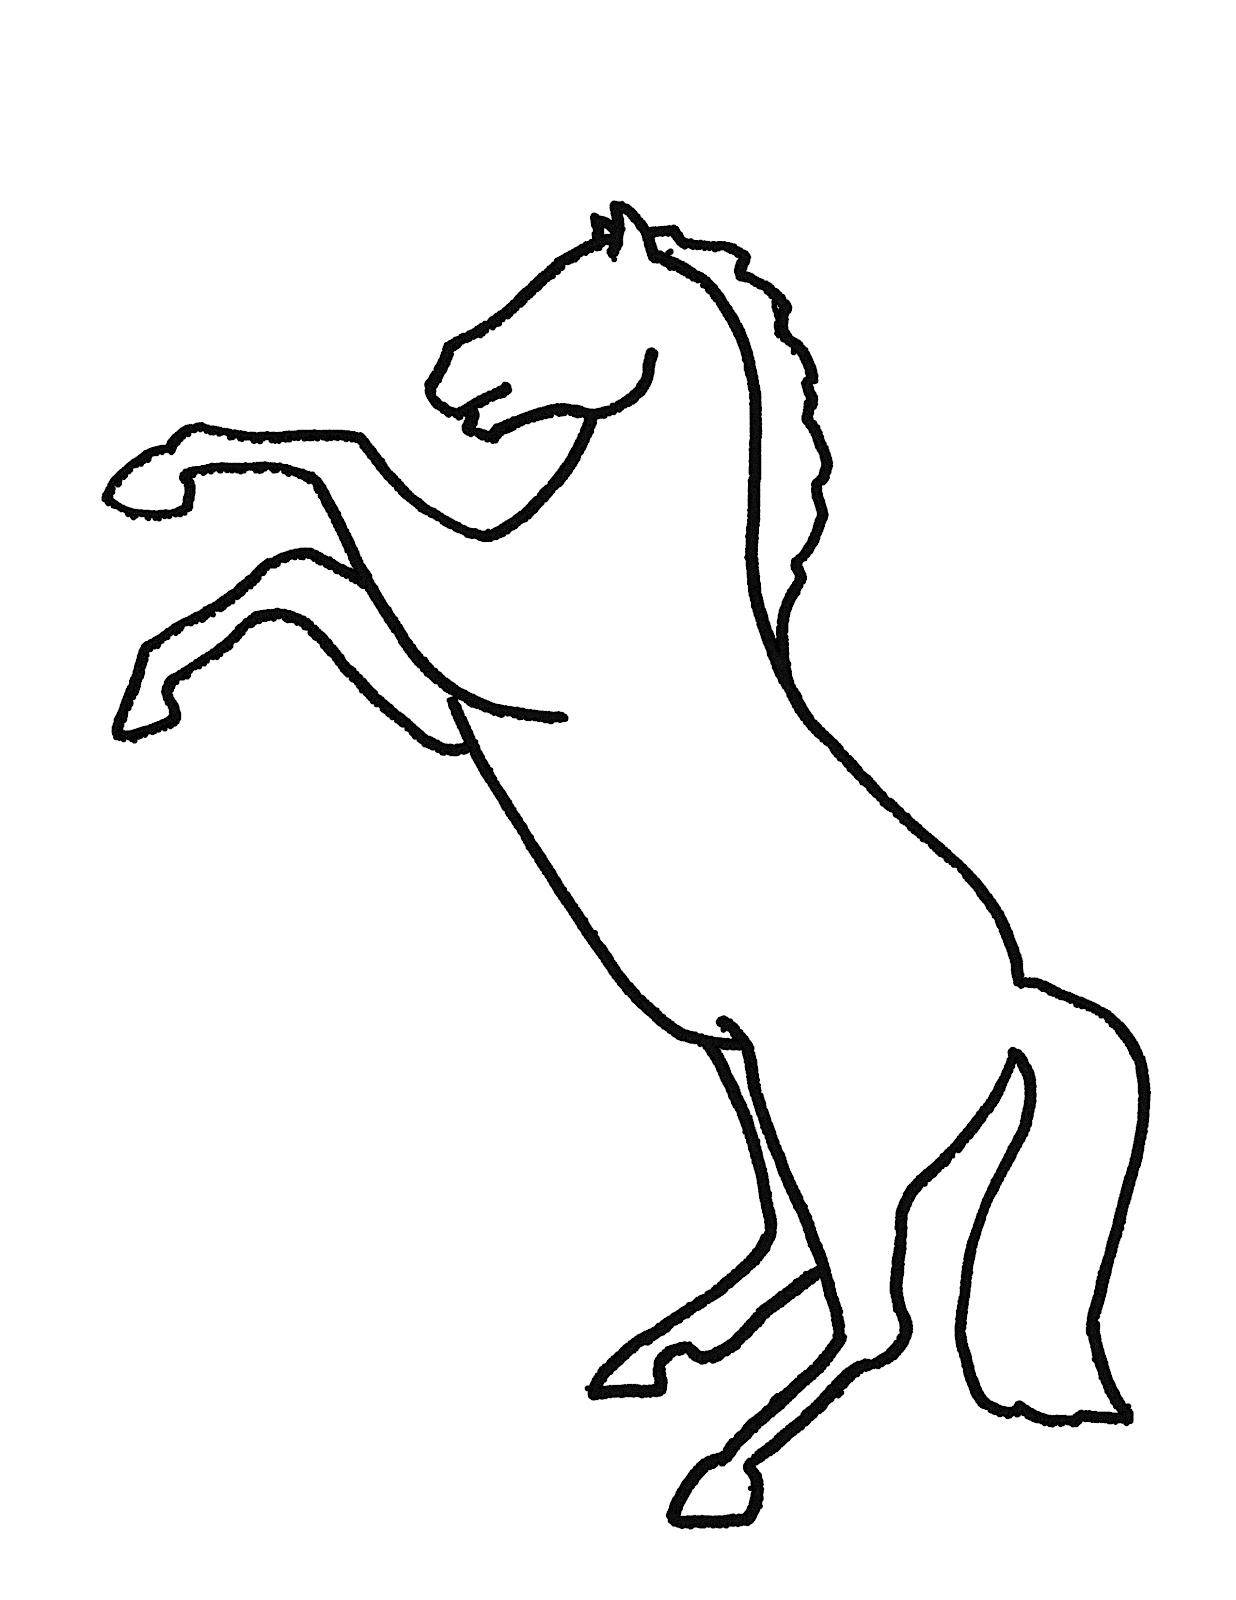 Running Horse Outline